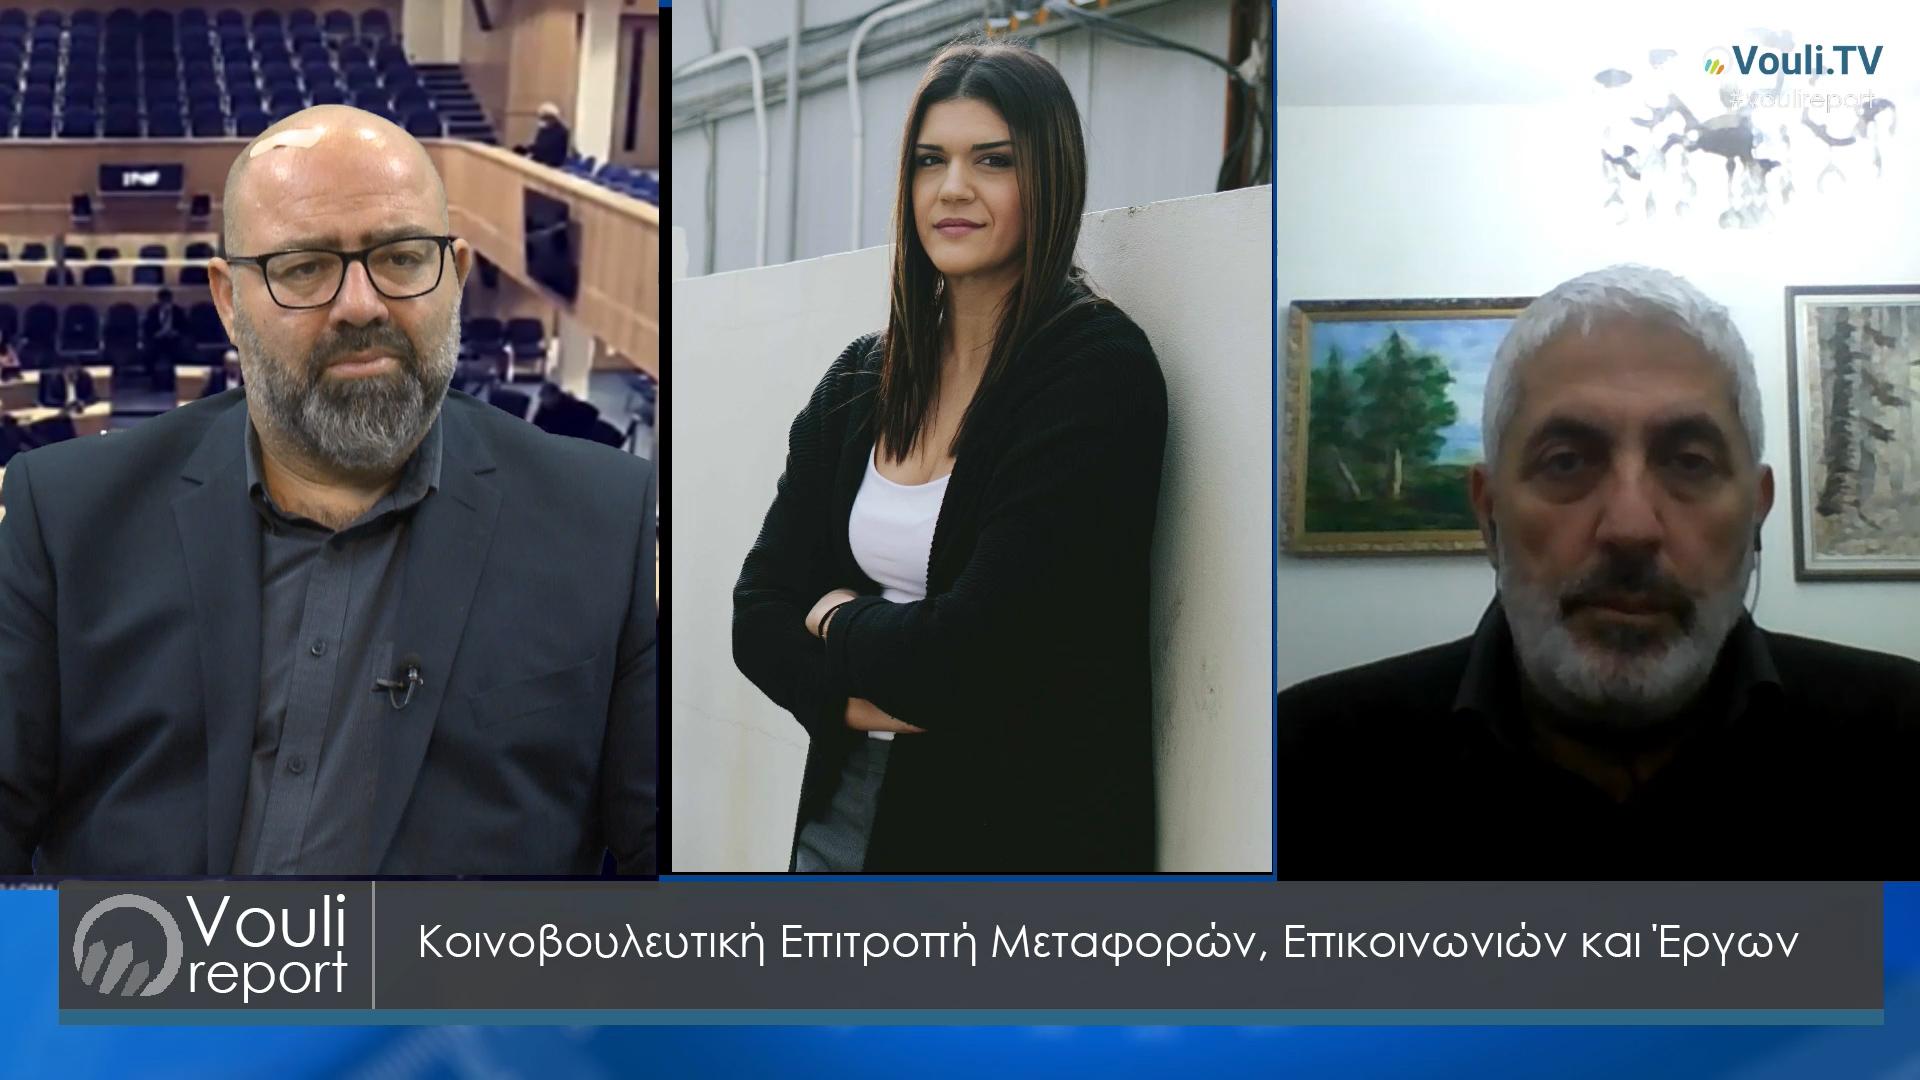 Vouli report - 07/12/2020   Κοινοβουλευτική Επιτροπή Μεταφορών, Επικοινωνιών και Έργων